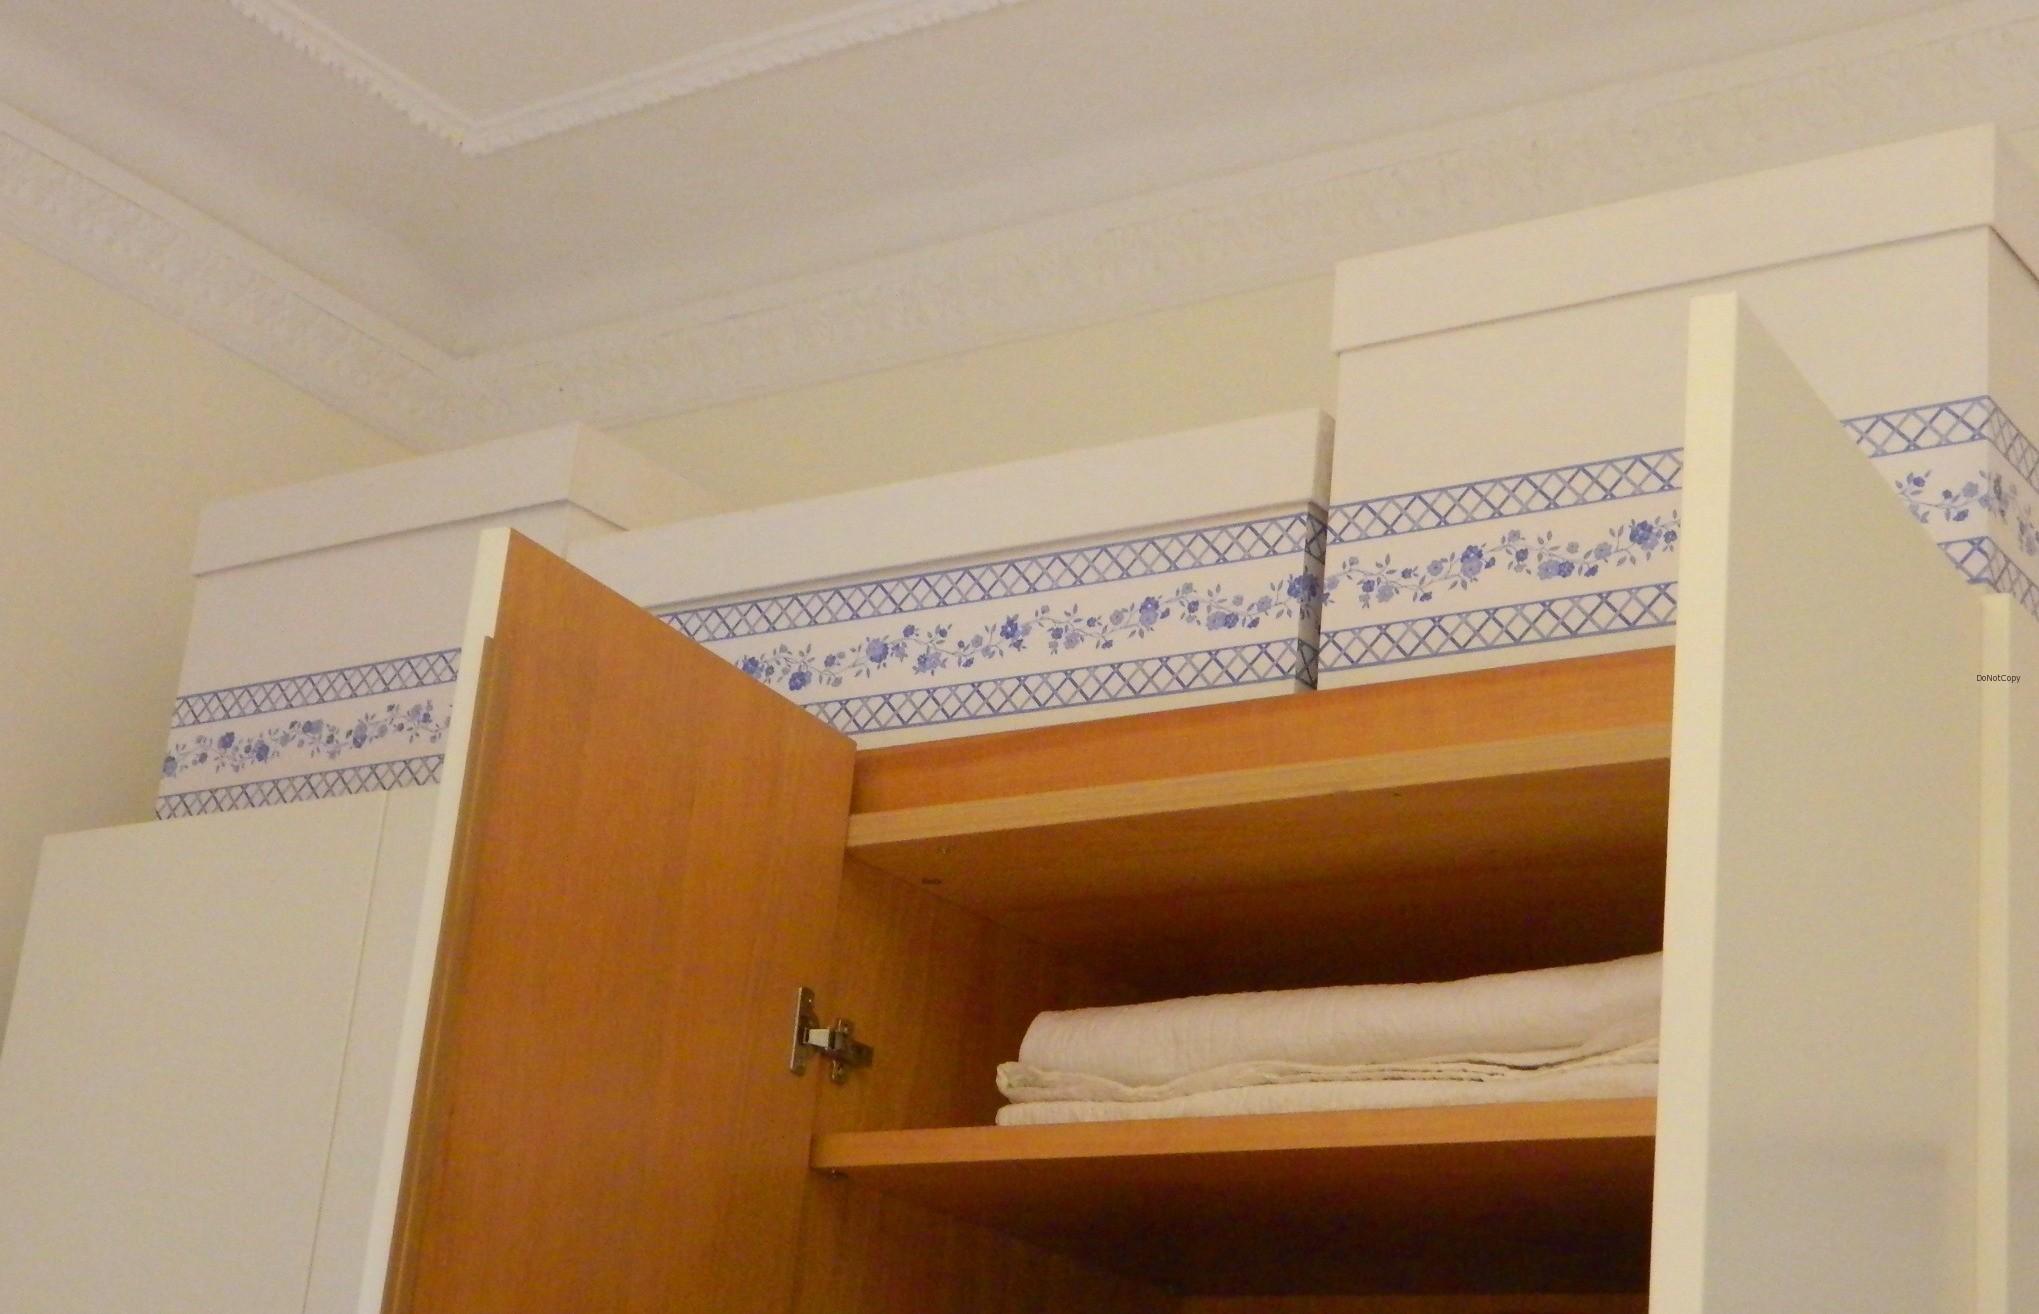 scatole poste sopra al guardaroba